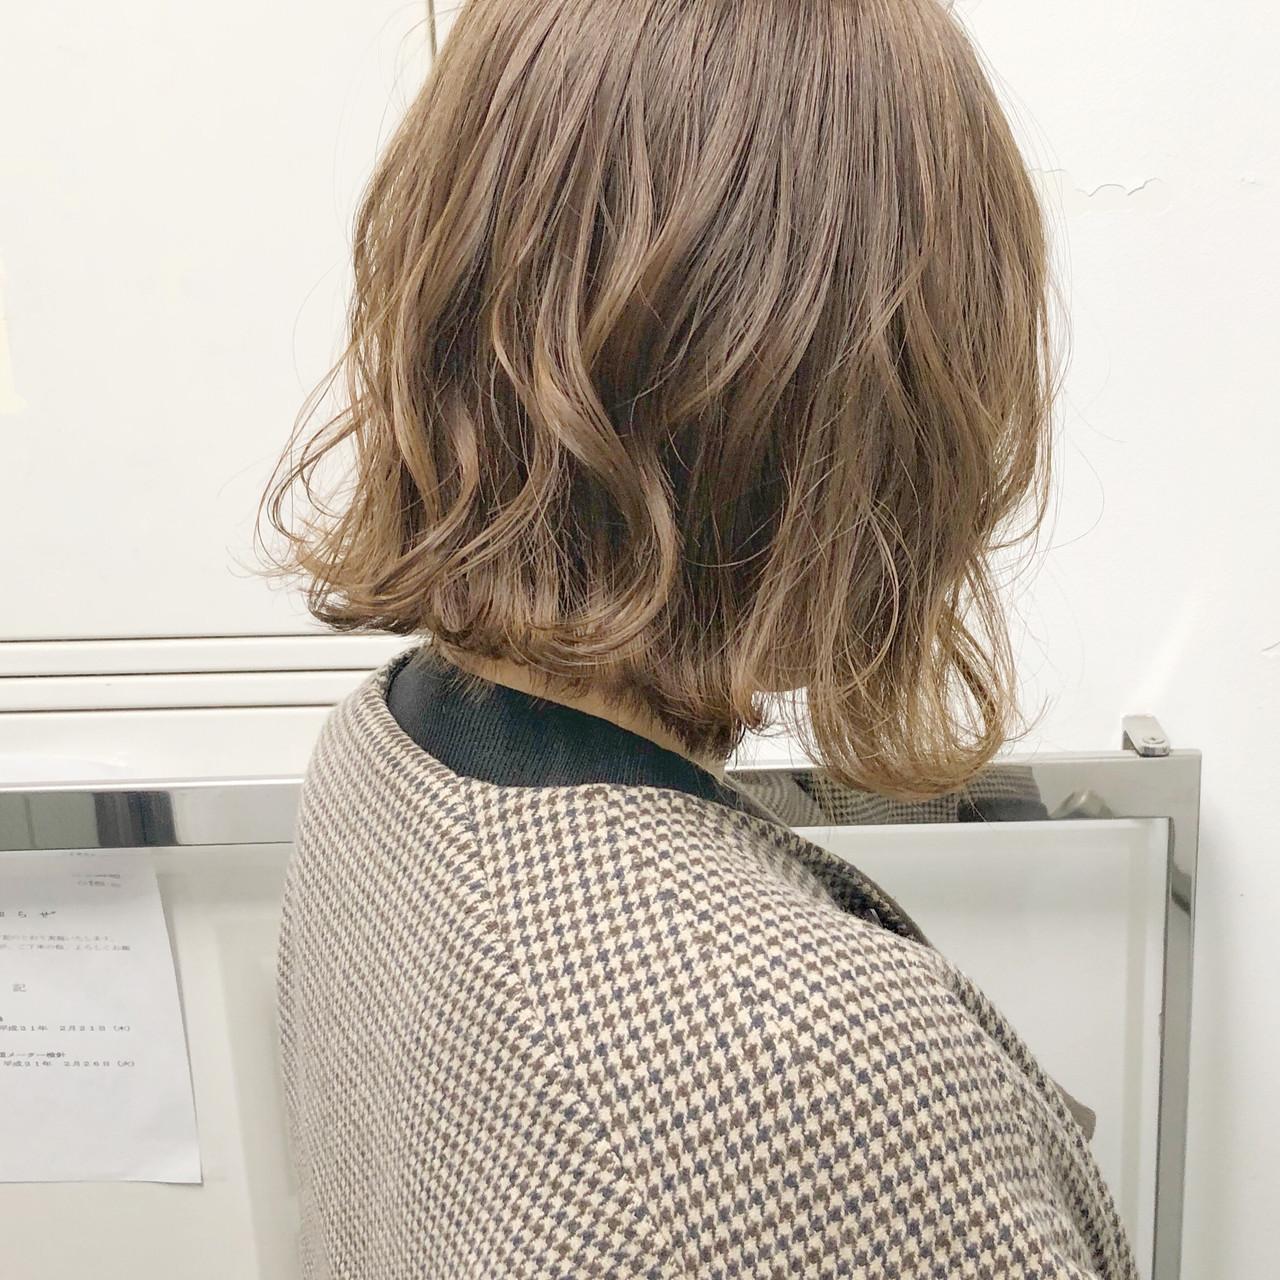 アンニュイほつれヘア 簡単ヘアアレンジ オフィス 大人かわいい ヘアスタイルや髪型の写真・画像